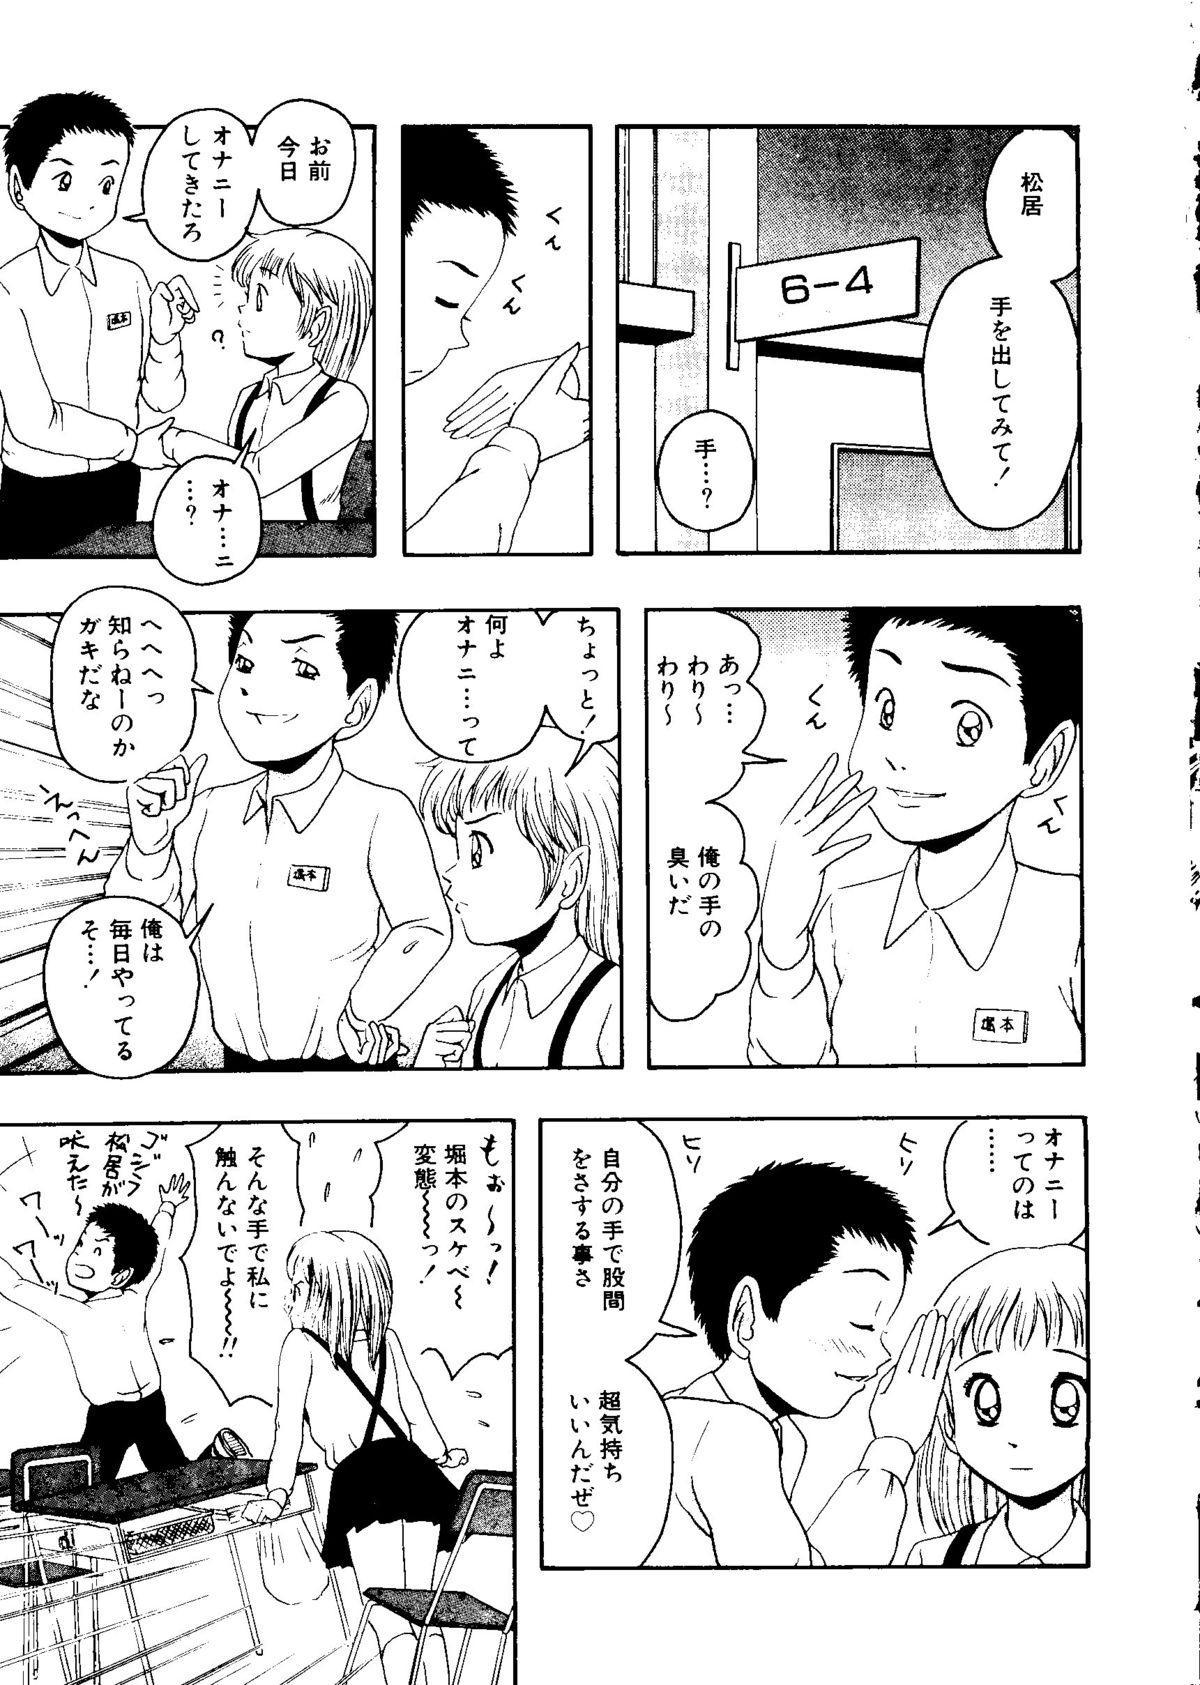 Mujirushi Youhin Vol. 7 81